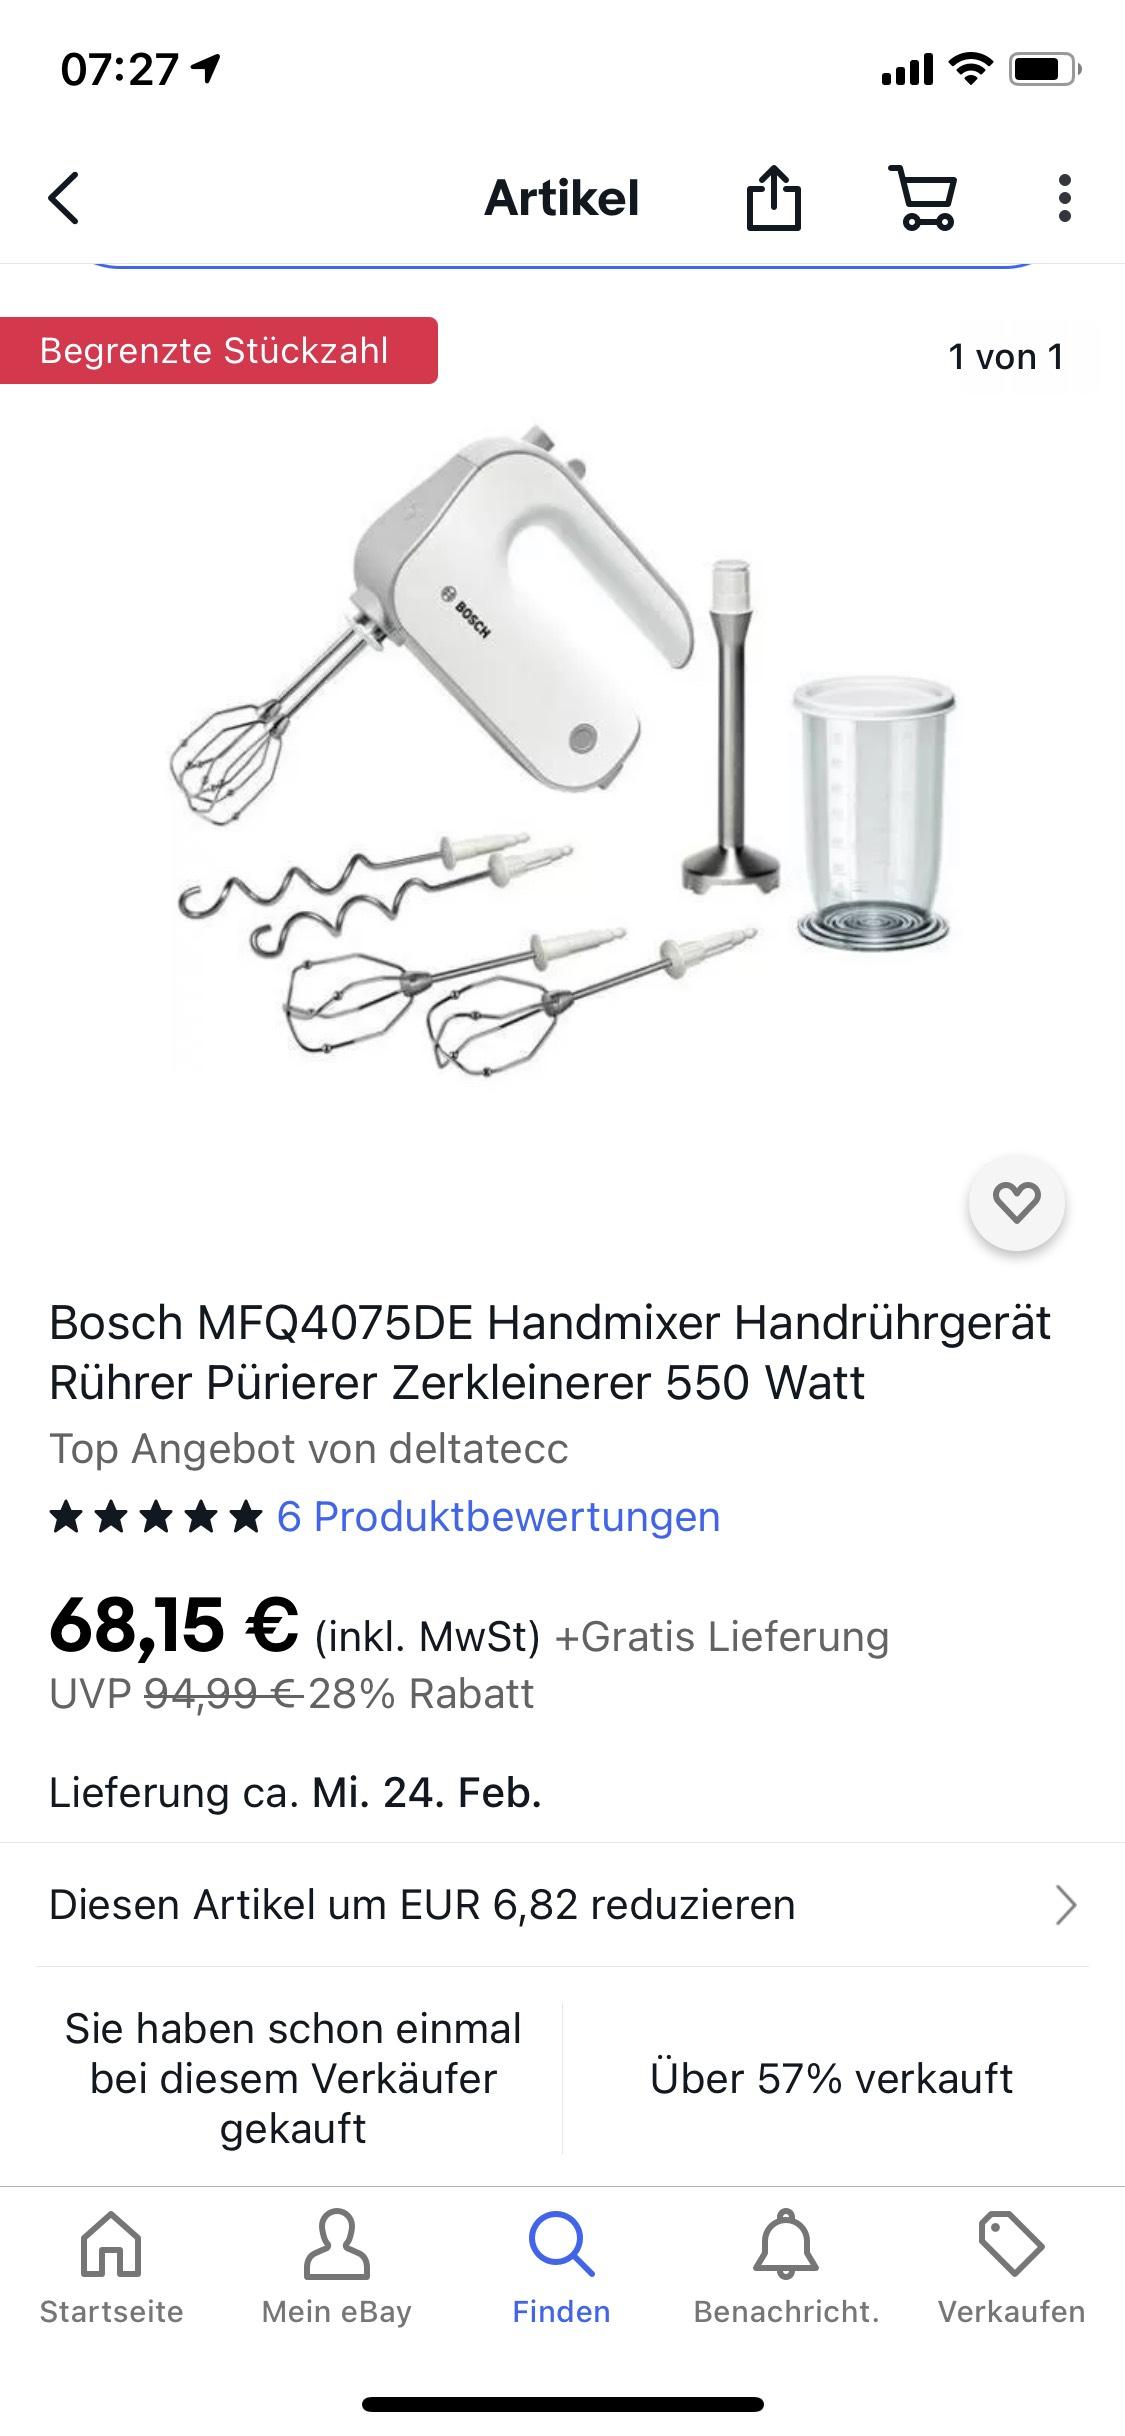 Bosch MFQ4075DE Handmixer Pürierer